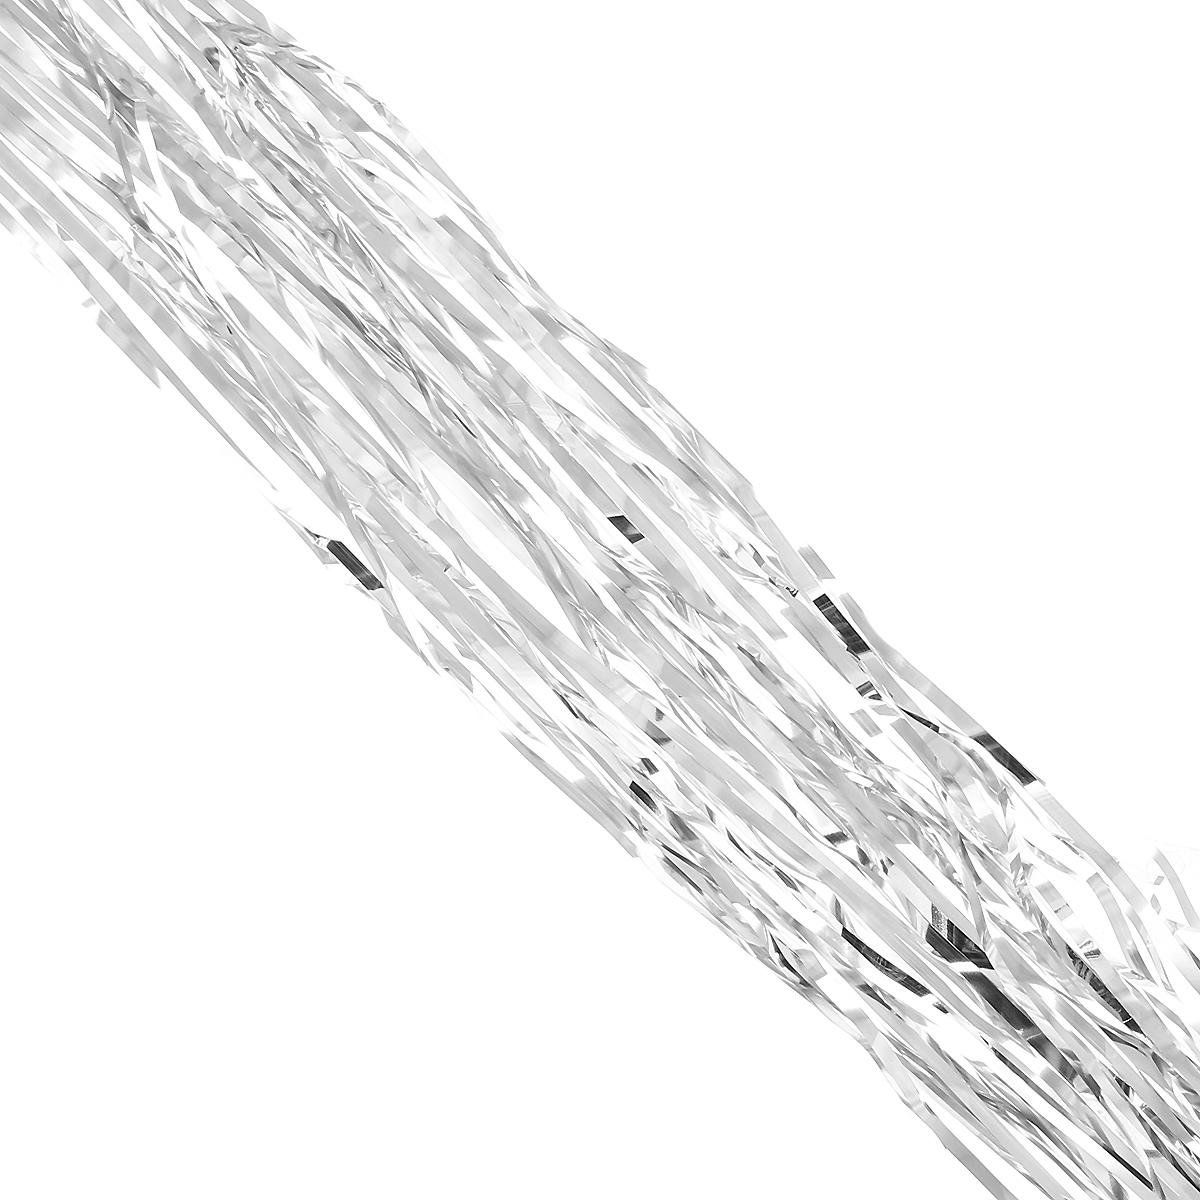 Дождик новогодний Magic Time, цвет: серебристый, 9 см х 200 см. 3491734917Новогодний дождик Magic Time, выполненный из ПЭТ, поможет вам украсить свой дом к предстоящим праздникам. А новогодняя елка с таким украшением станет еще наряднее. Новогодним дождиком можно украсить все, что угодно - елку, квартиру, дачу, офис. Коллекция декоративных украшений из серии Magic Time принесет в ваш дом ни с чем несравнимое ощущение волшебства! Создайте в своем доме атмосферу тепла, веселья и радости, украшая его всей семьей.